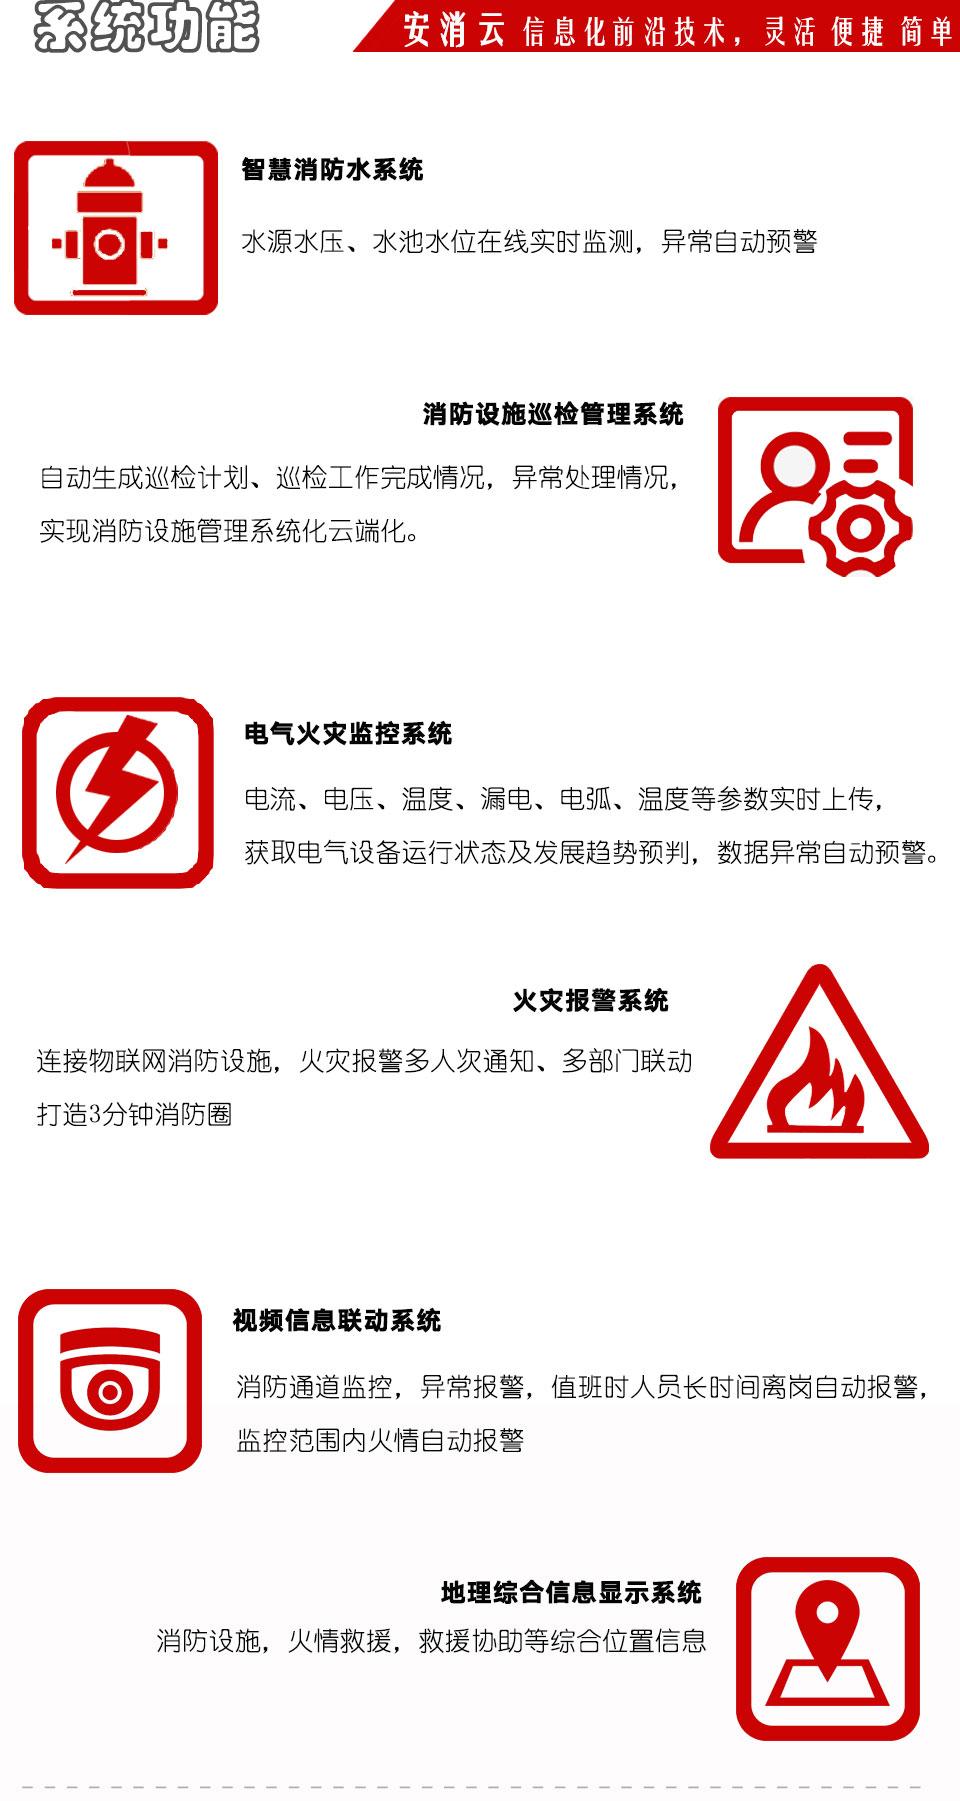 陕西智慧消防物联网系统功能图